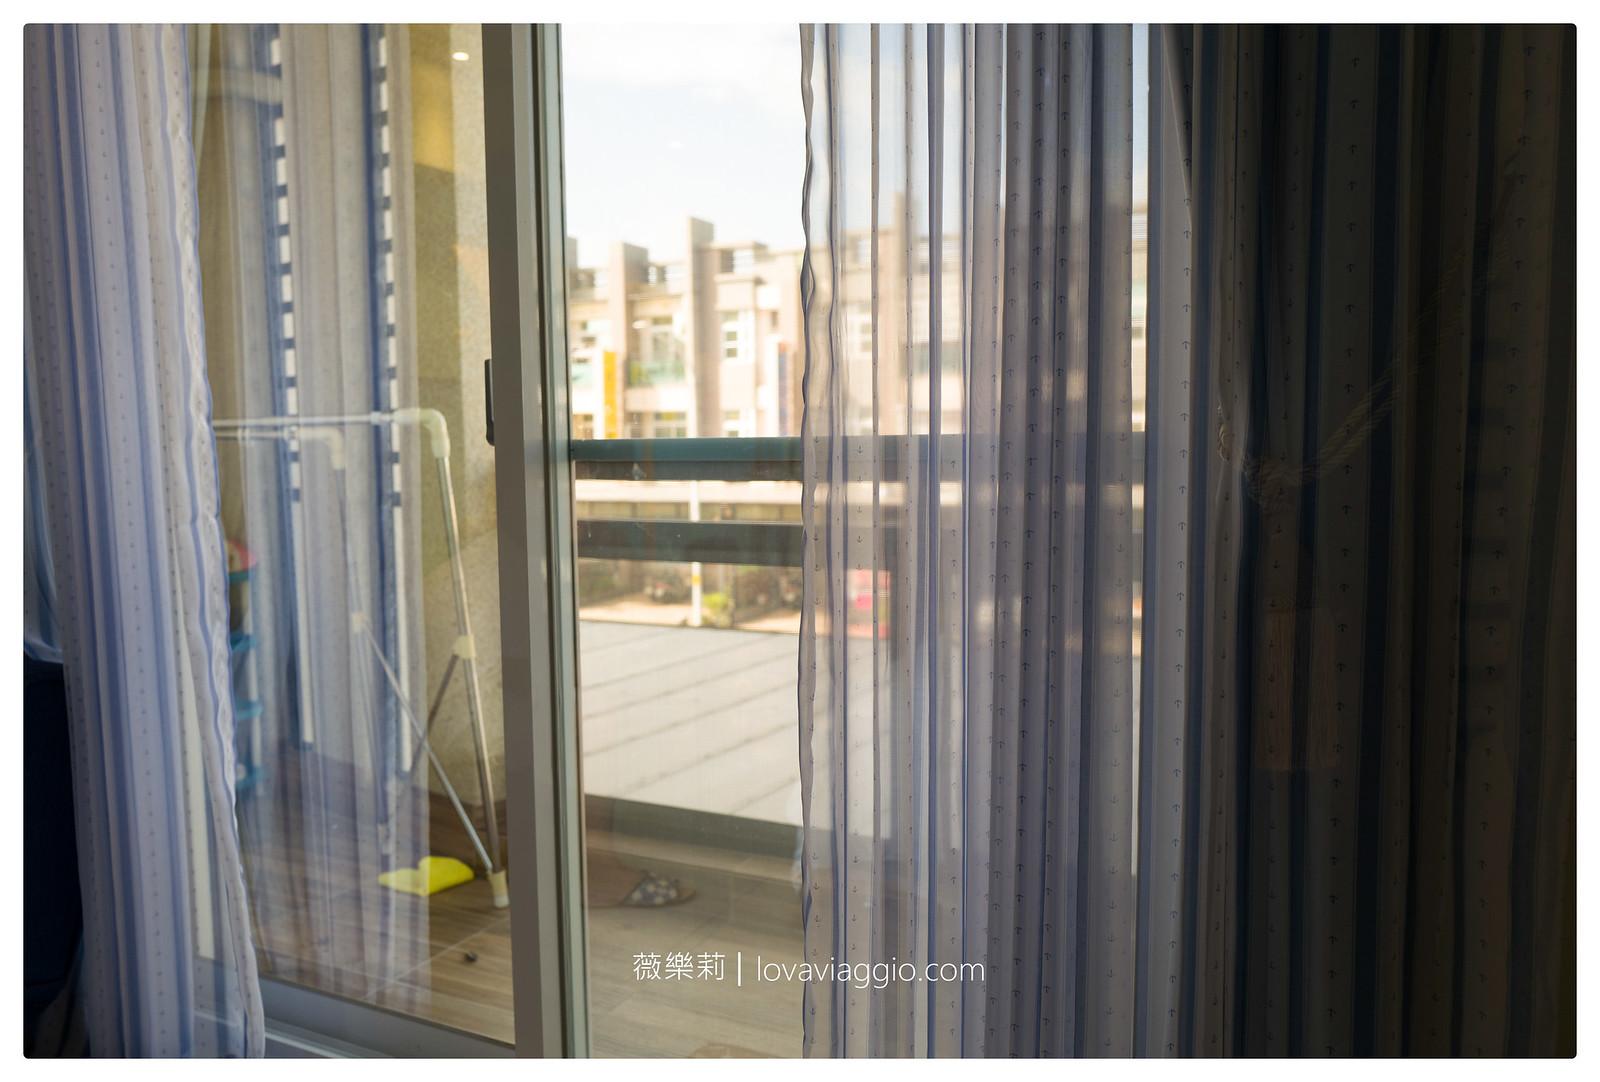 【台東 Taitung】布客森林民宿 生活 悅讀 行旅 書香與親子童樂住宿 @薇樂莉 Love Viaggio | 旅行.生活.攝影